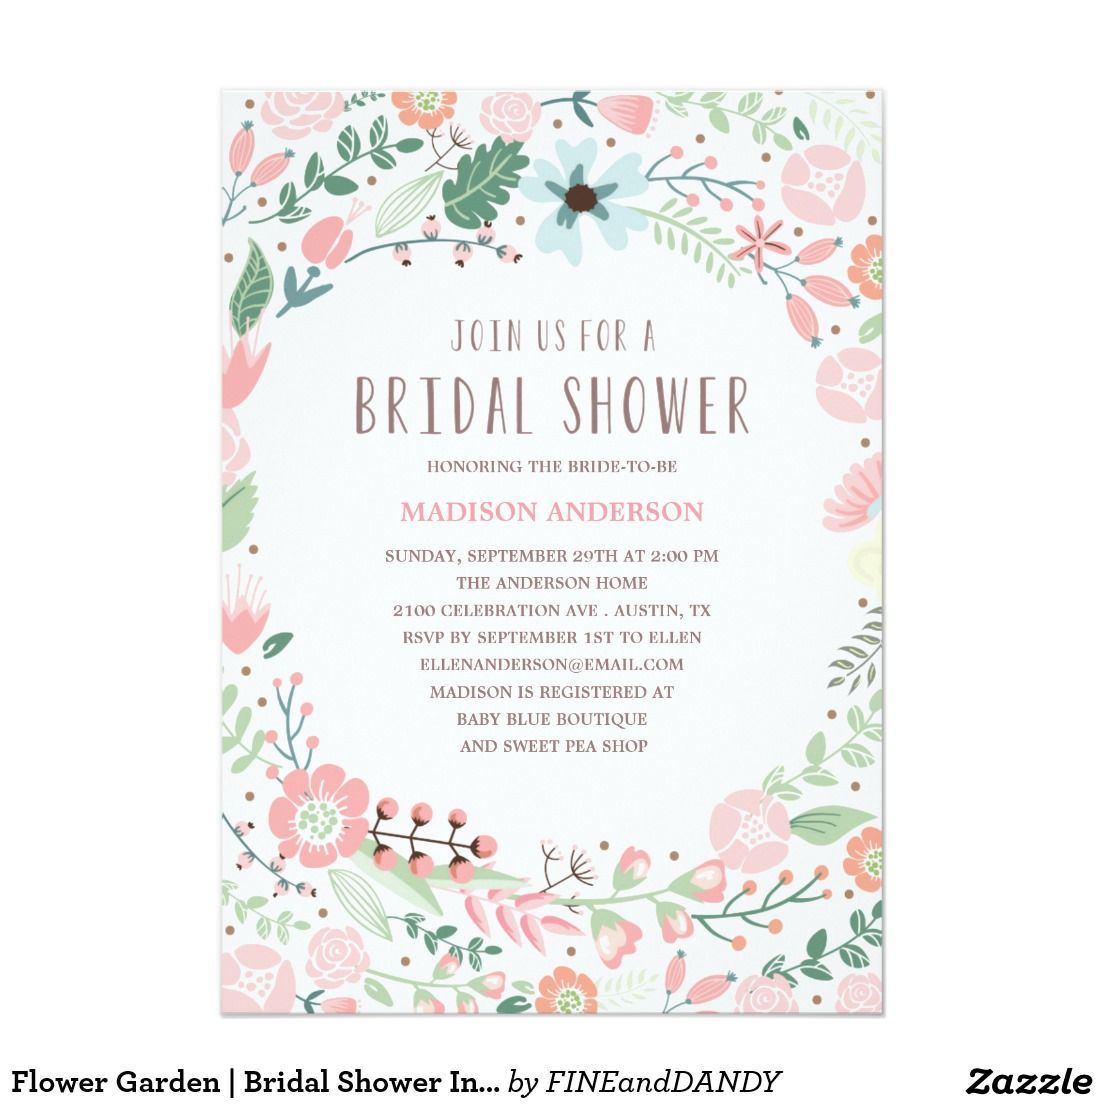 Flower Garden Bridal Shower Invitation Garden bridal showers